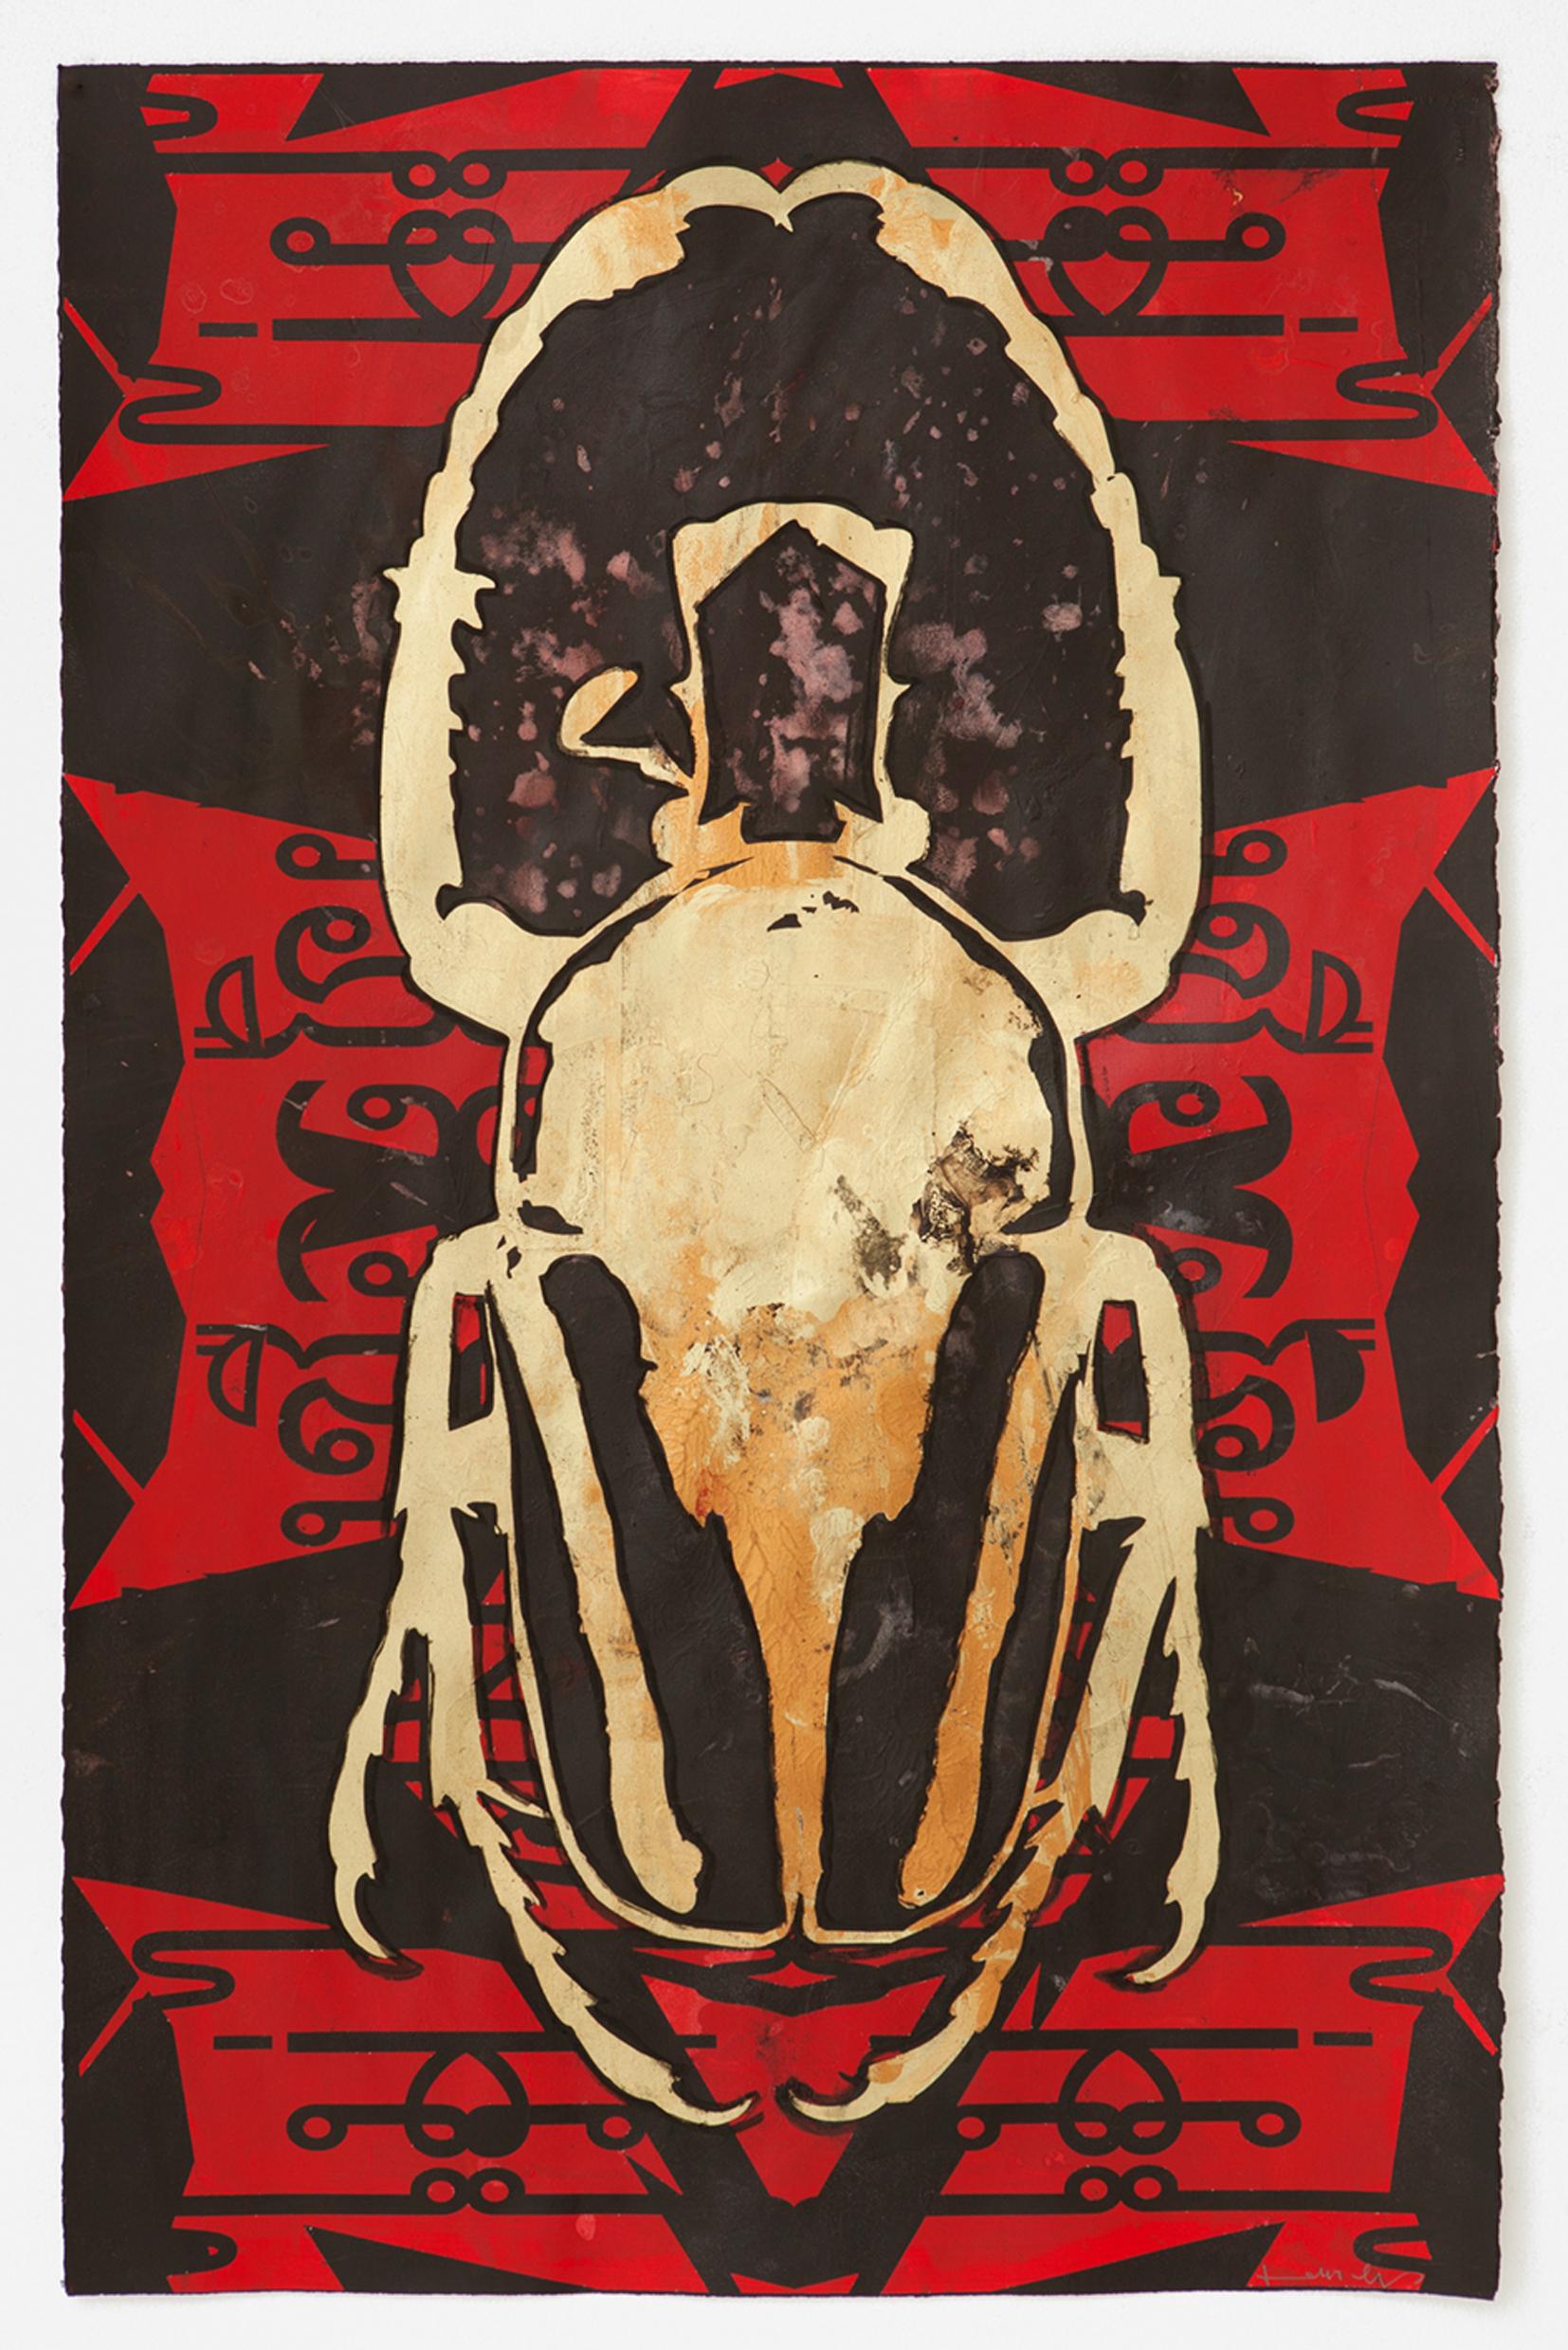 Wittgensteins Beetle 1356